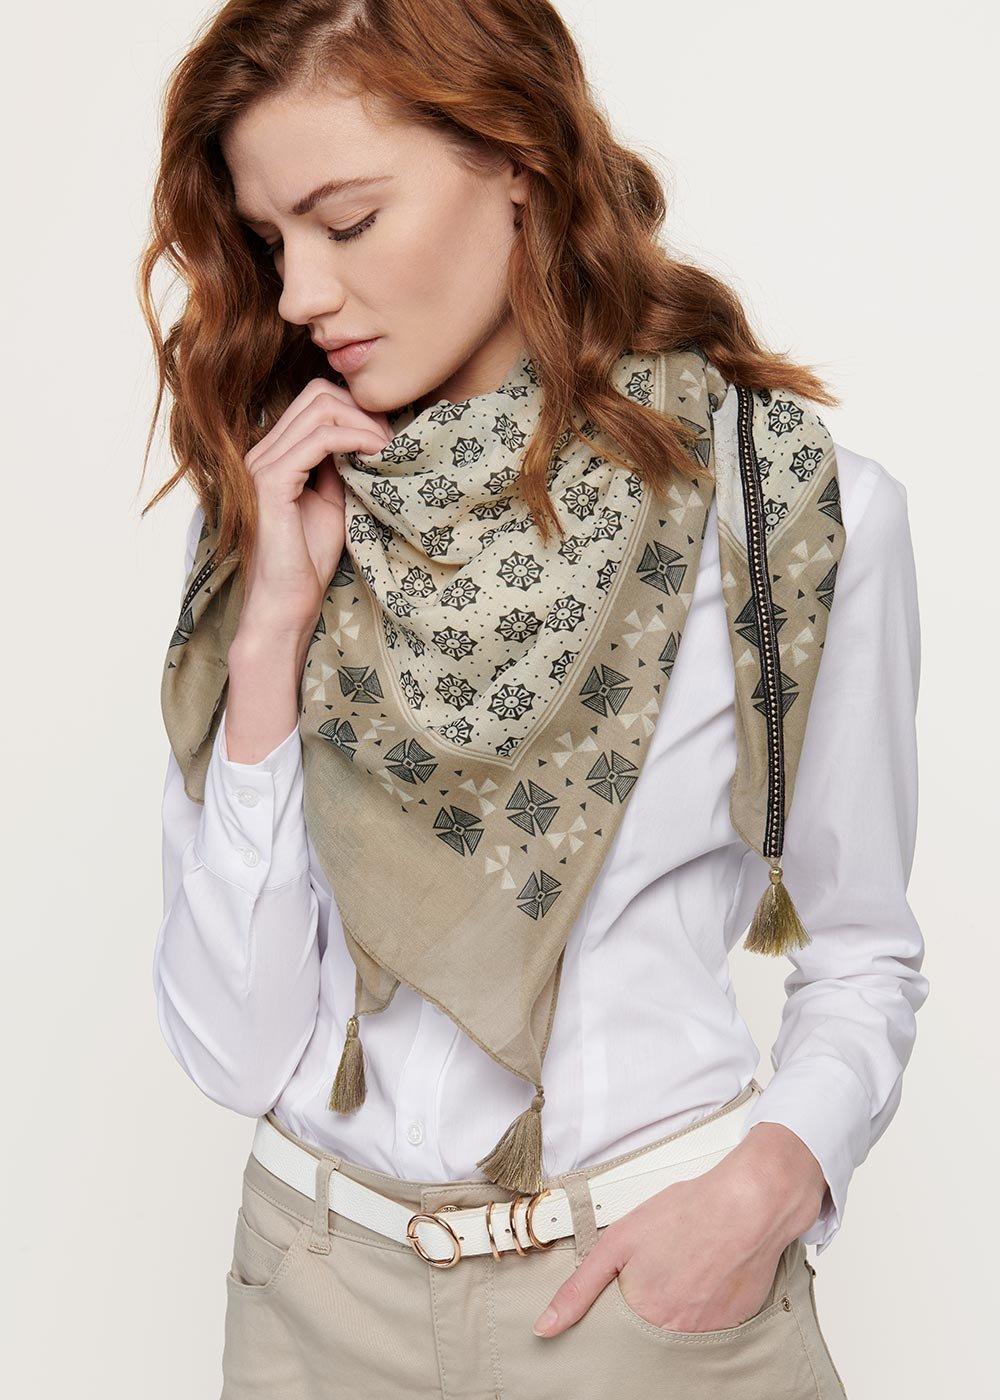 Samuel multi-print scarf - Cocco / Vaniglia Fantasia - Woman